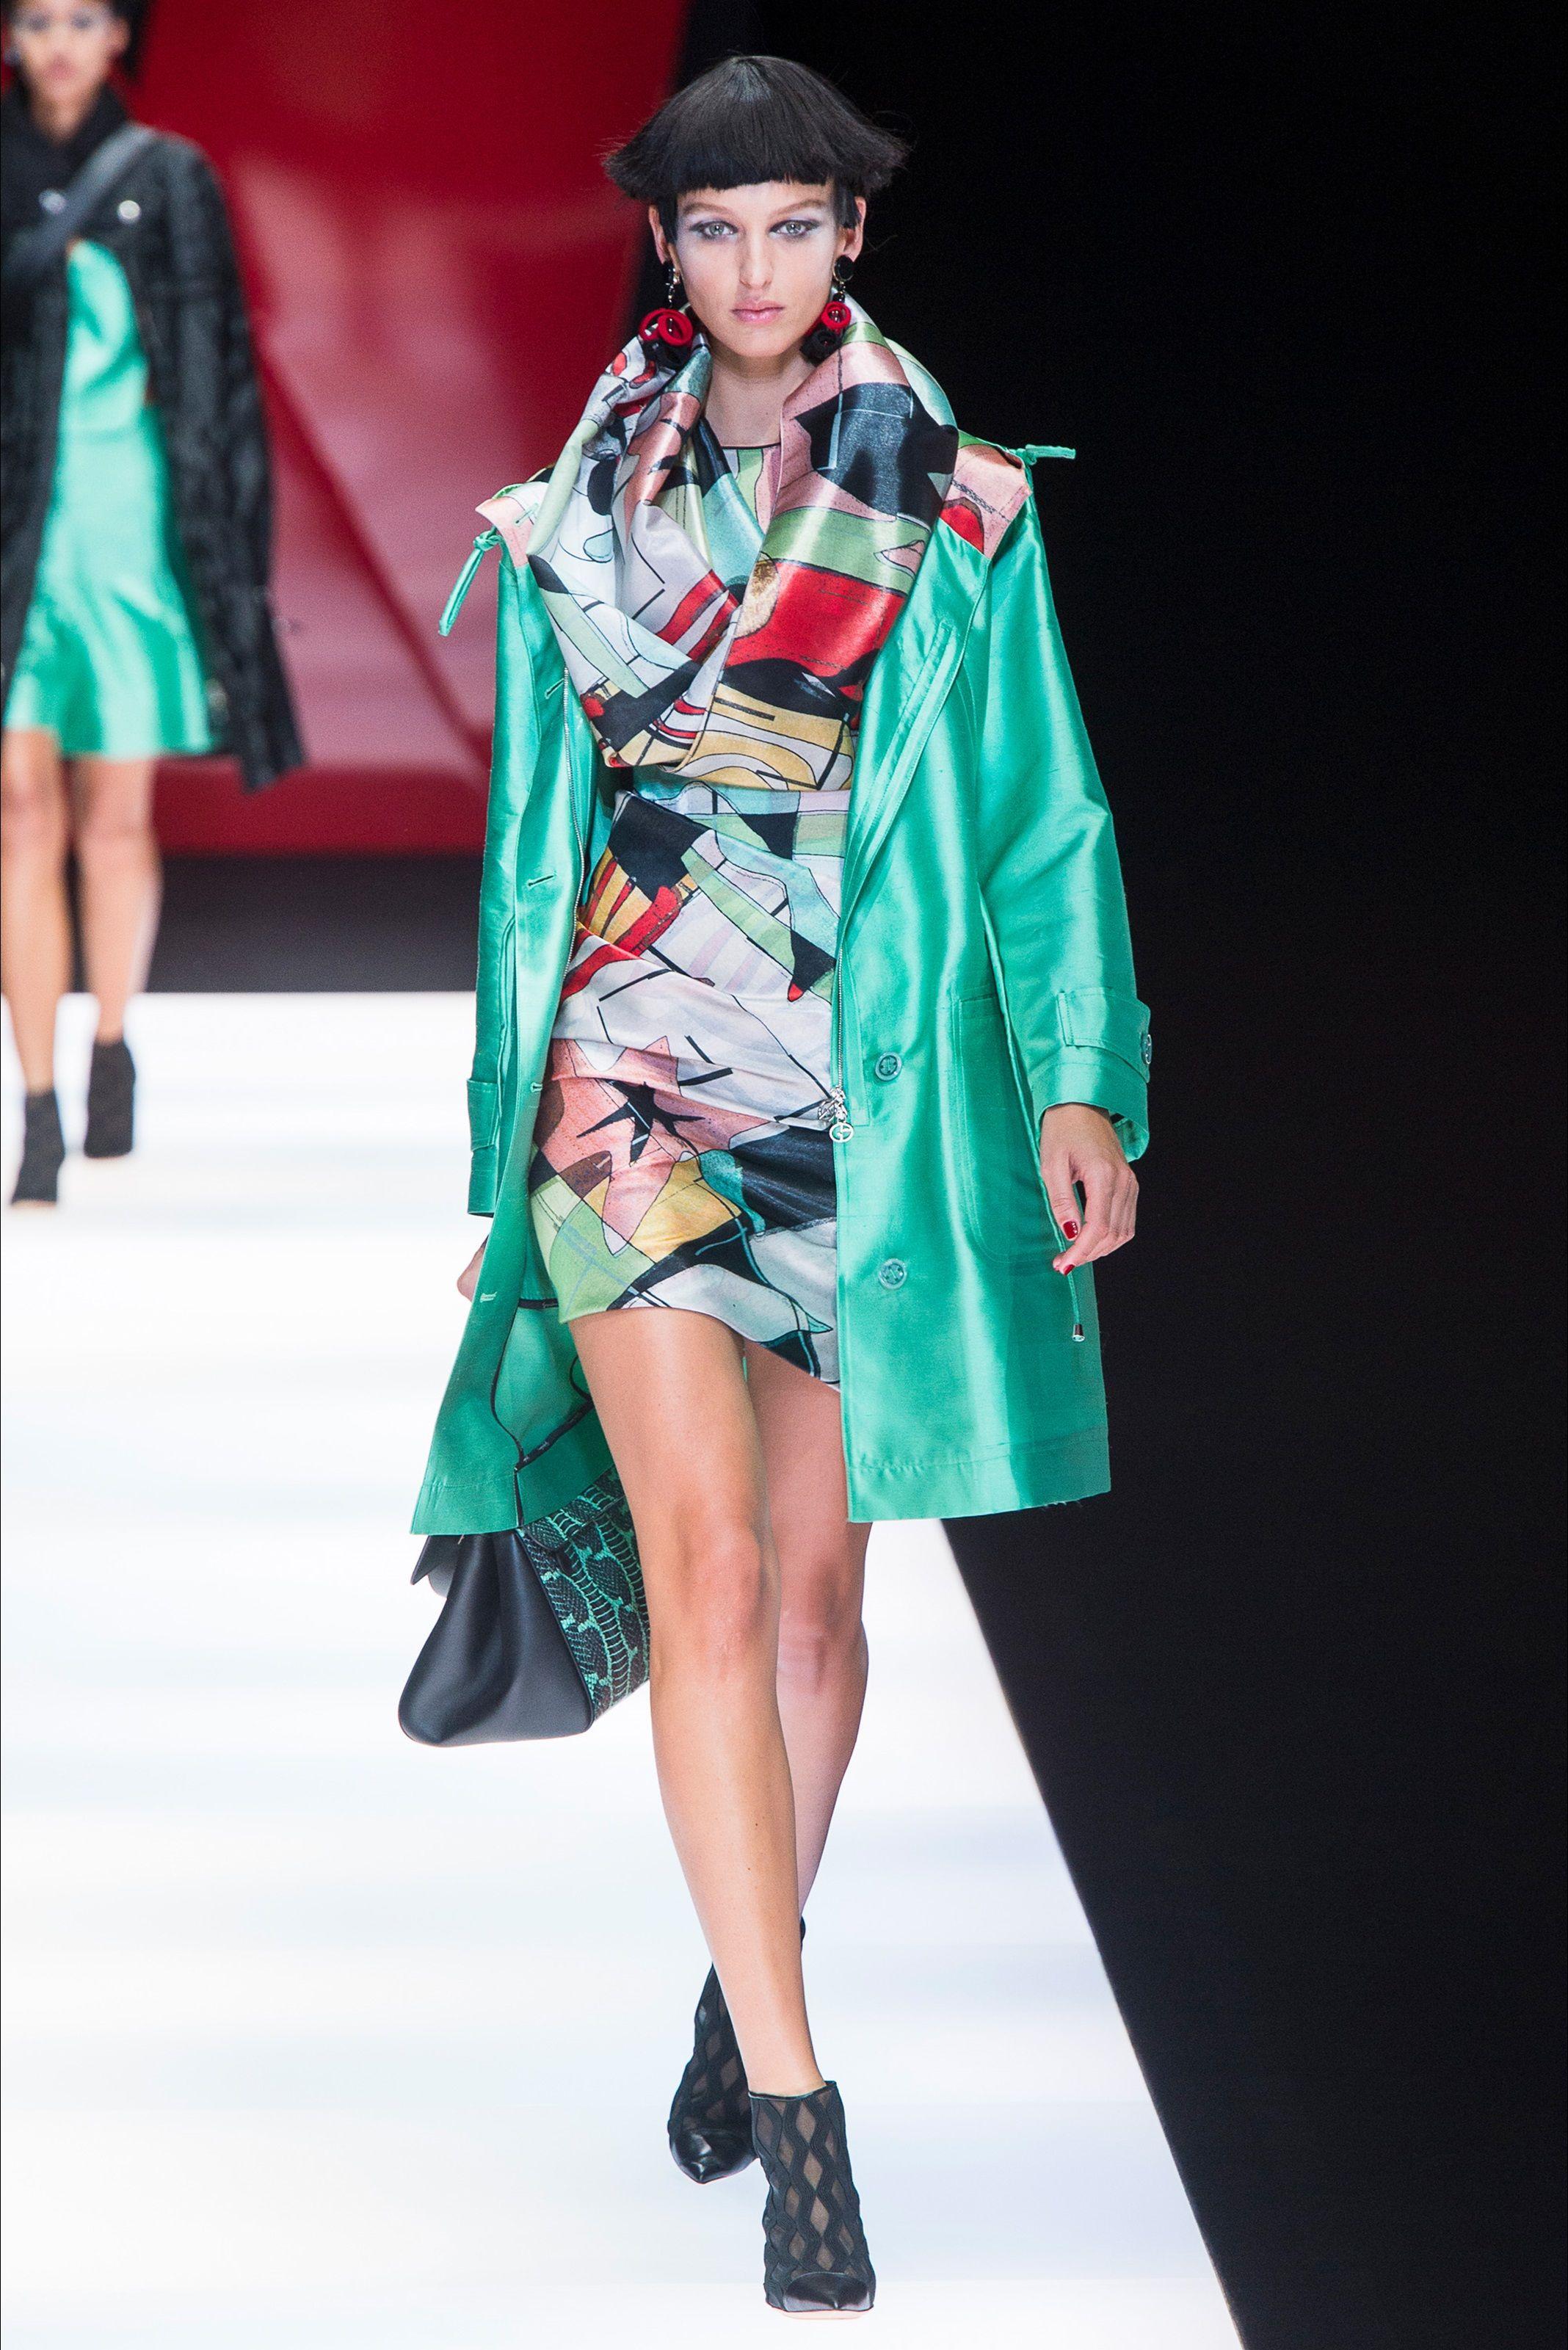 9b2132bb8b3c Sfilata Giorgio Armani Milano - Collezioni Primavera Estate 2018 - Vogue